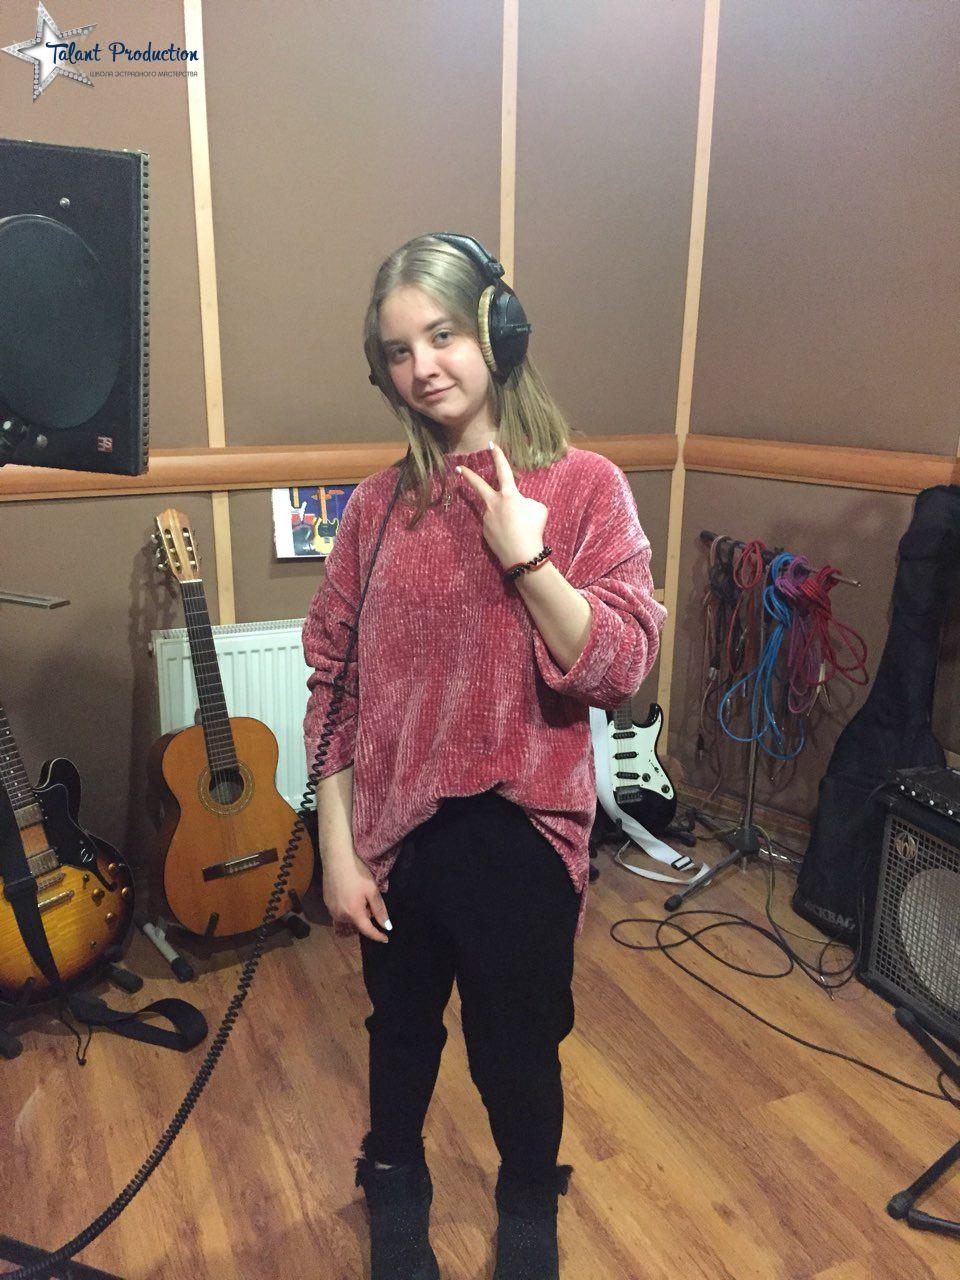 """Артисты """"Talant Production"""" в студии на записи нового материала"""